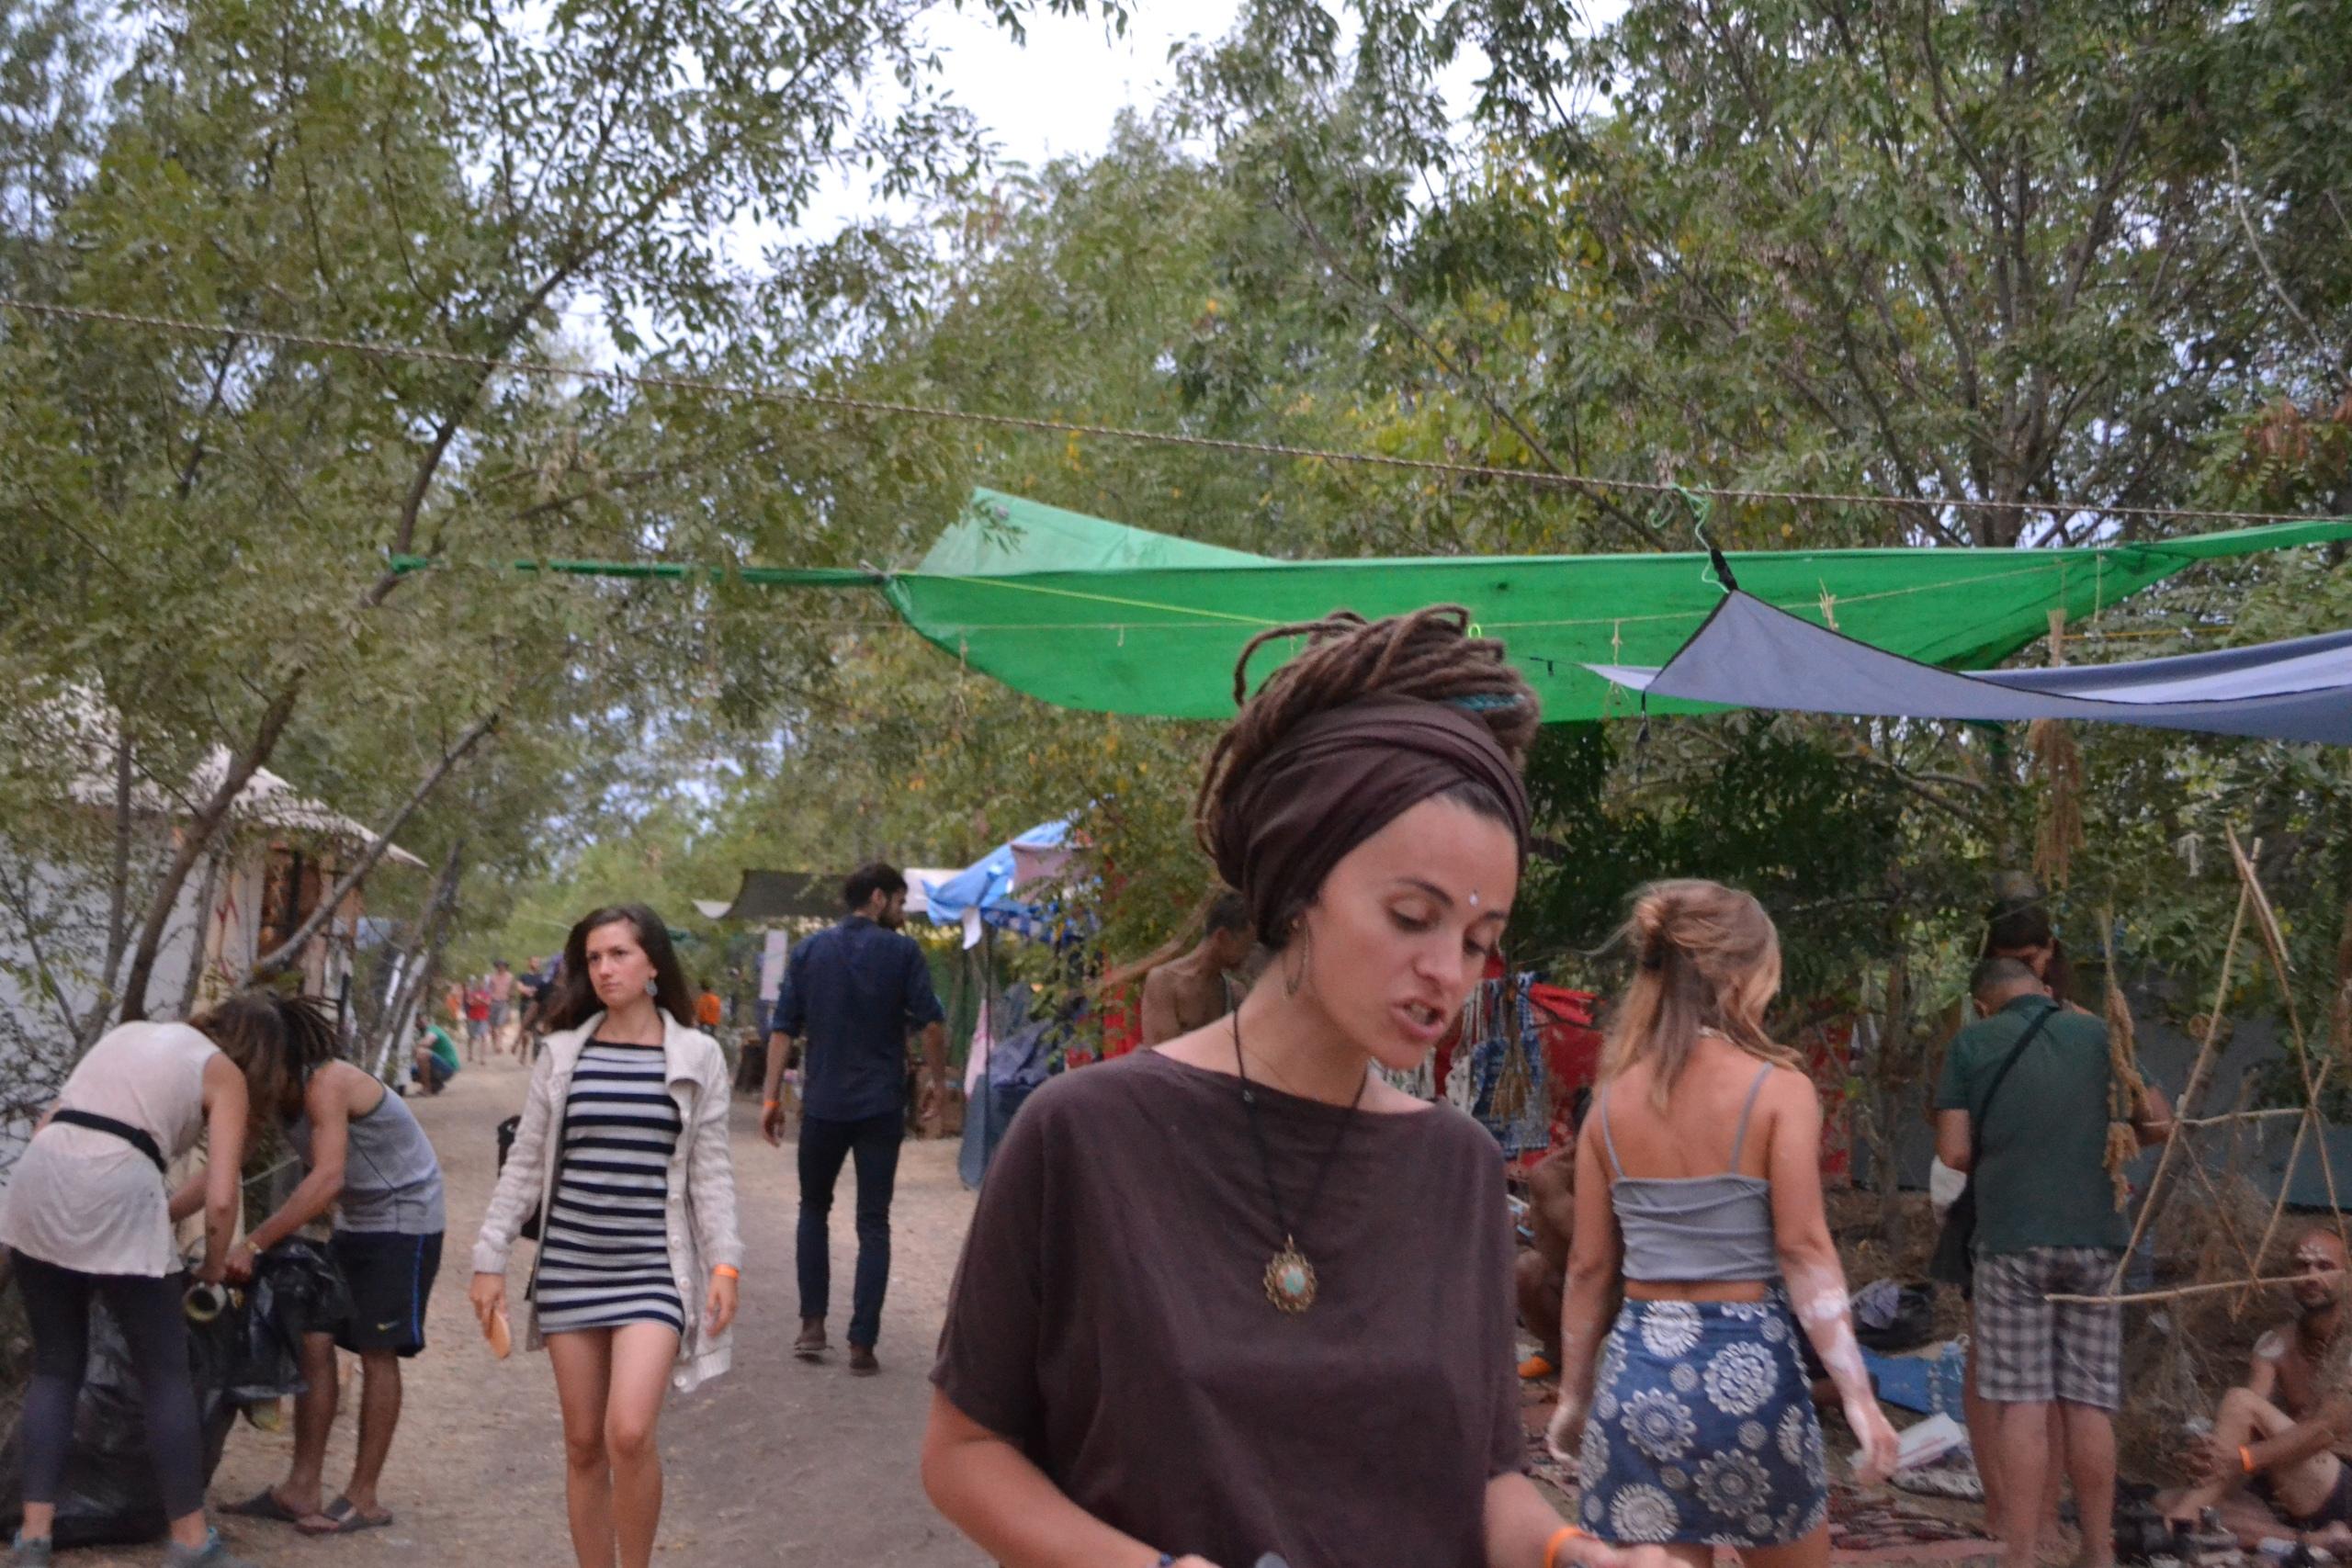 Елена Руденко (Валтея). Эзотерический фестиваль. Одесская сказка 2018 г. - Страница 7 StIcafcLVrI